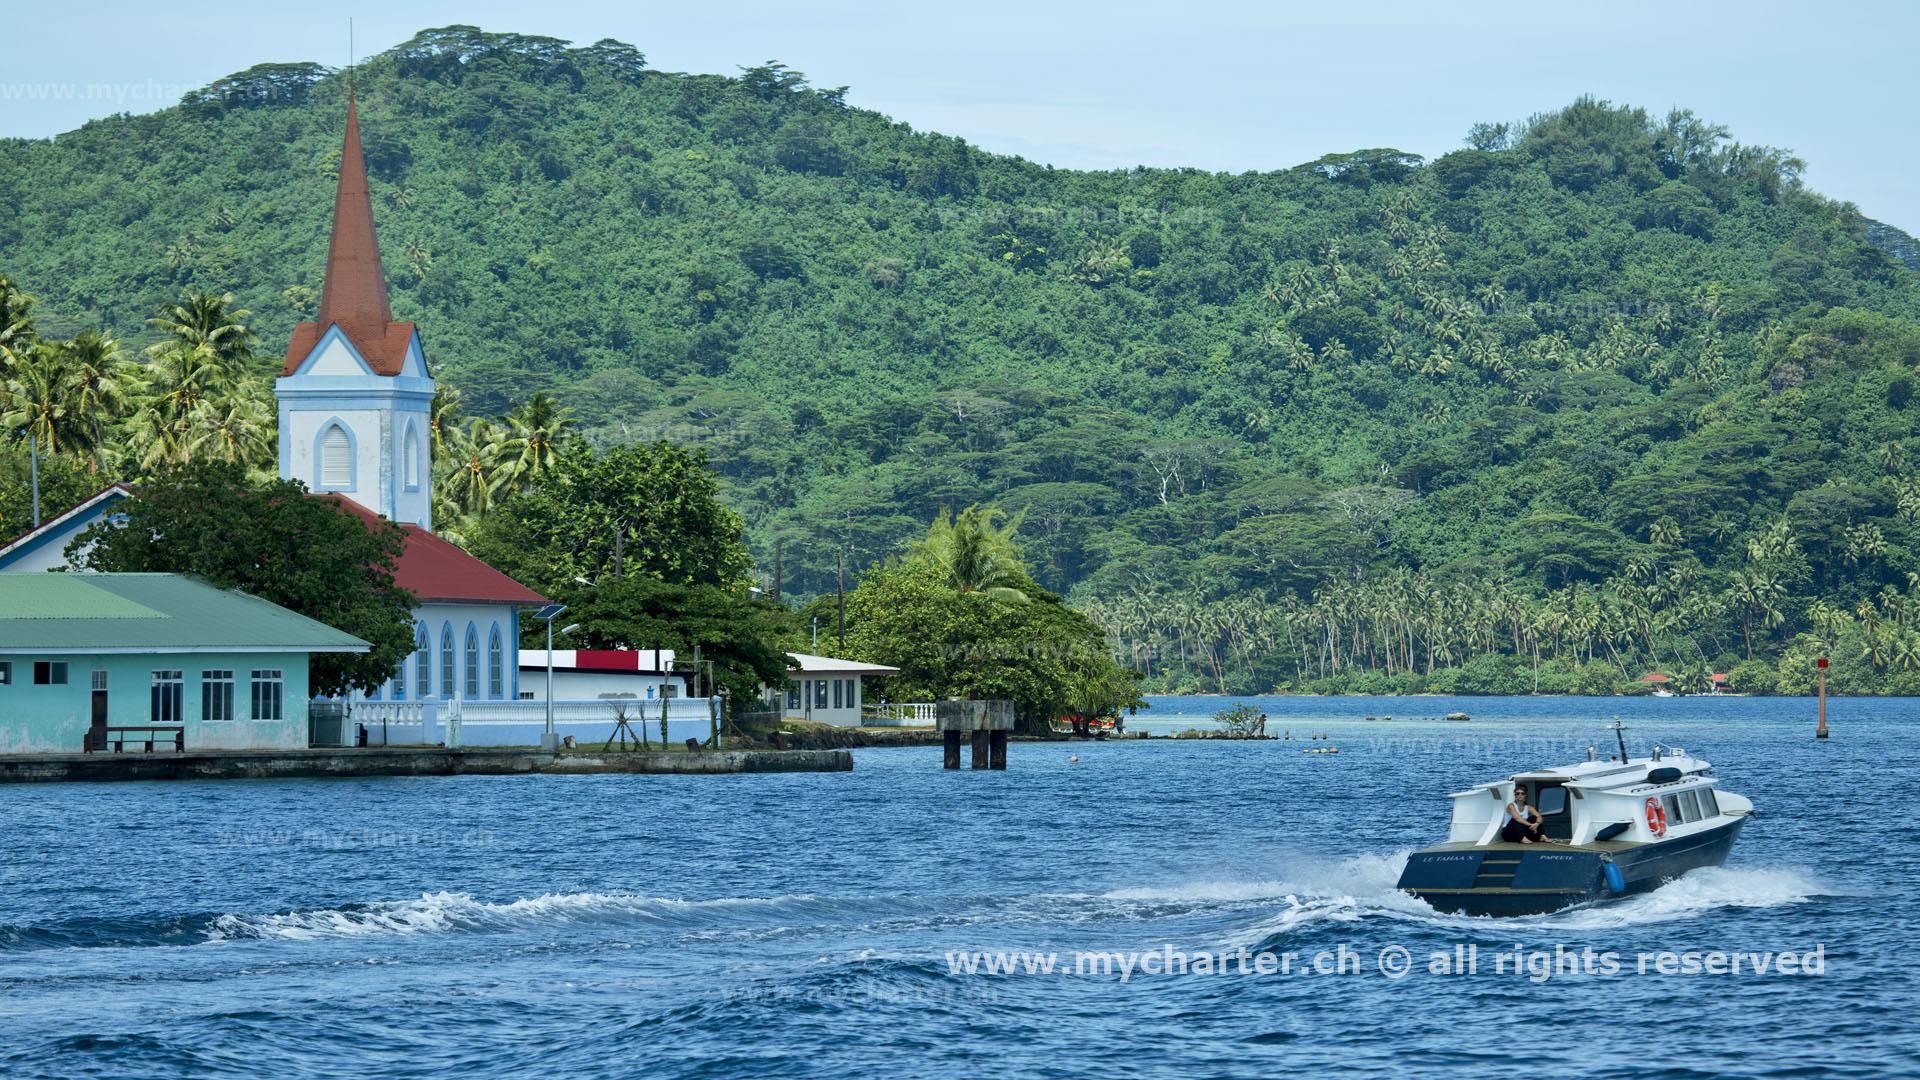 Yachtcharter Südesee - Tahiti - Tahaa